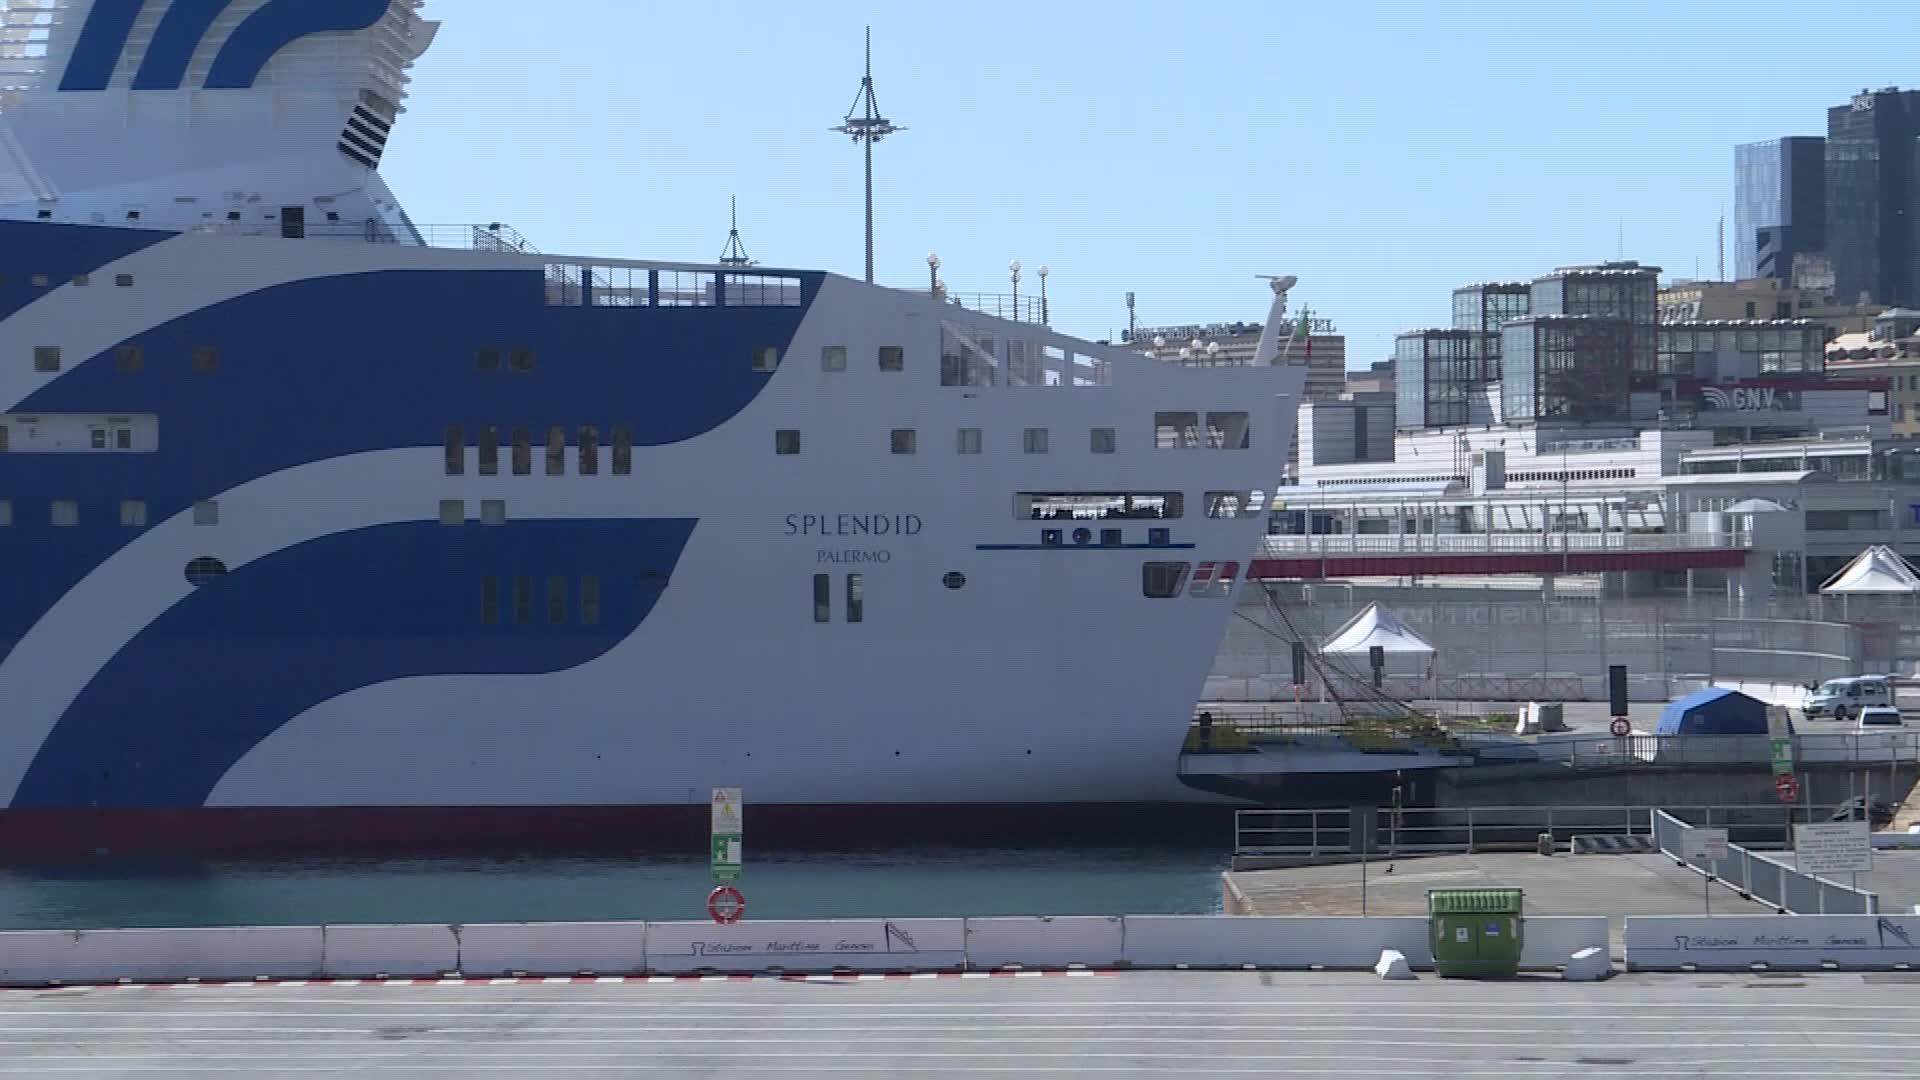 Coronavirus, viaggio a bordo della nave ospedale Gnv Splendid